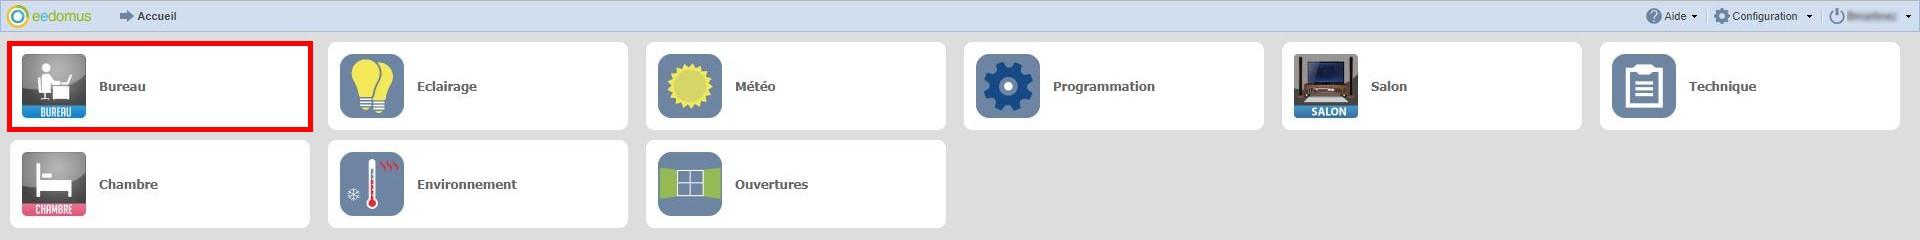 Intégrez vos dispositifs Edisio sur votre interface domotique eedomus grâce au RFPlayer